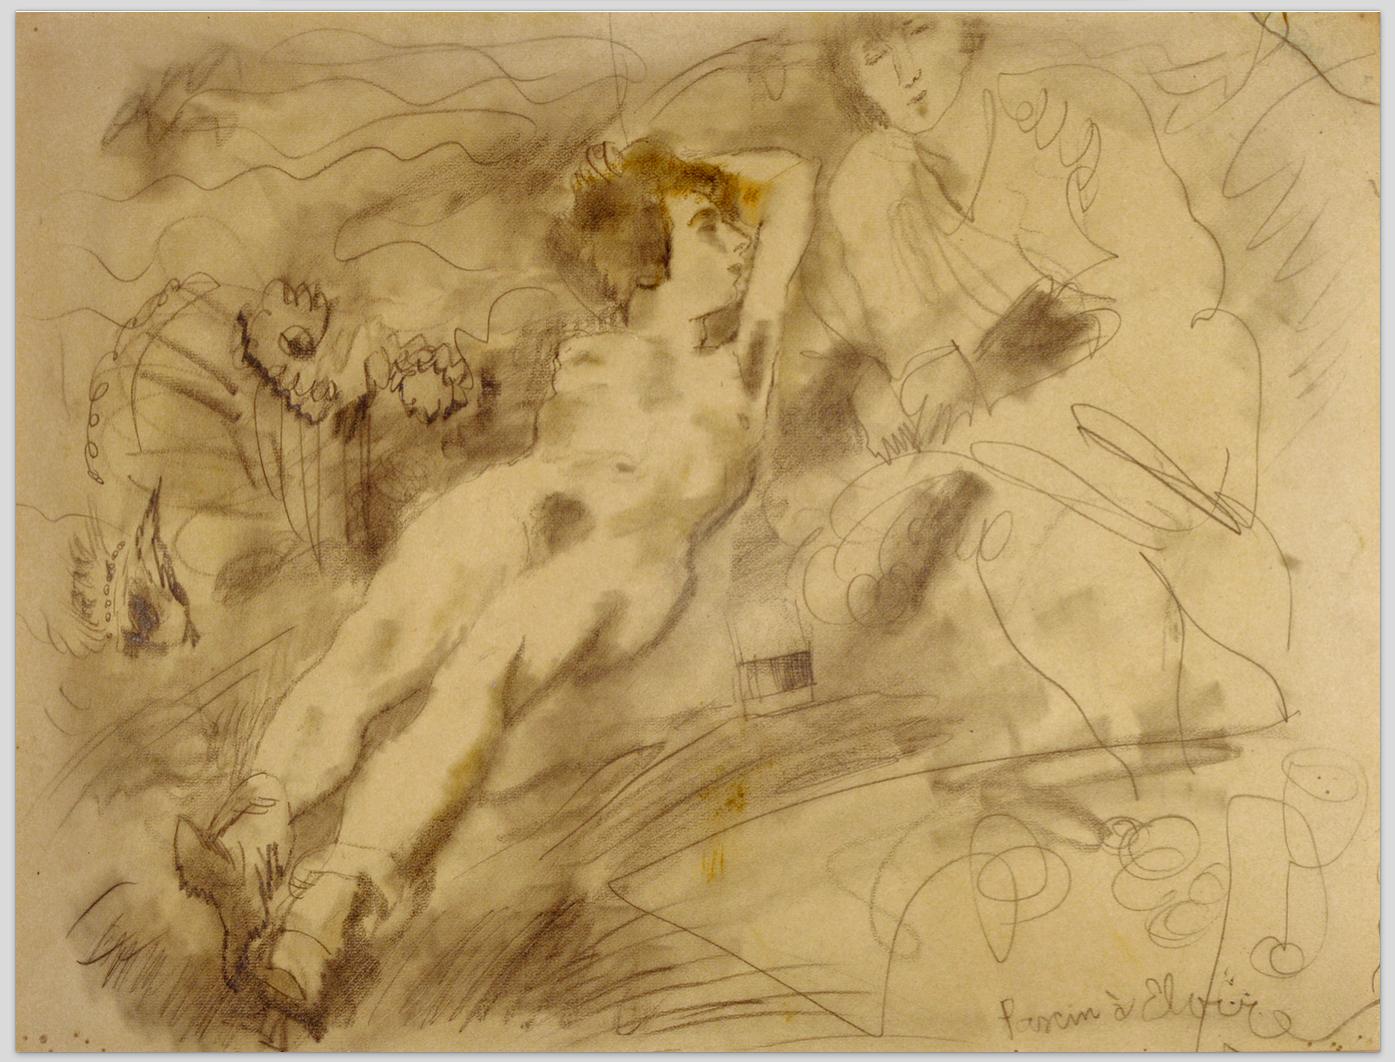 Pascin à Elvire, Paris 1930 Crayon et fusain sur papier, 48x61cm © Comité Pascin, Paris